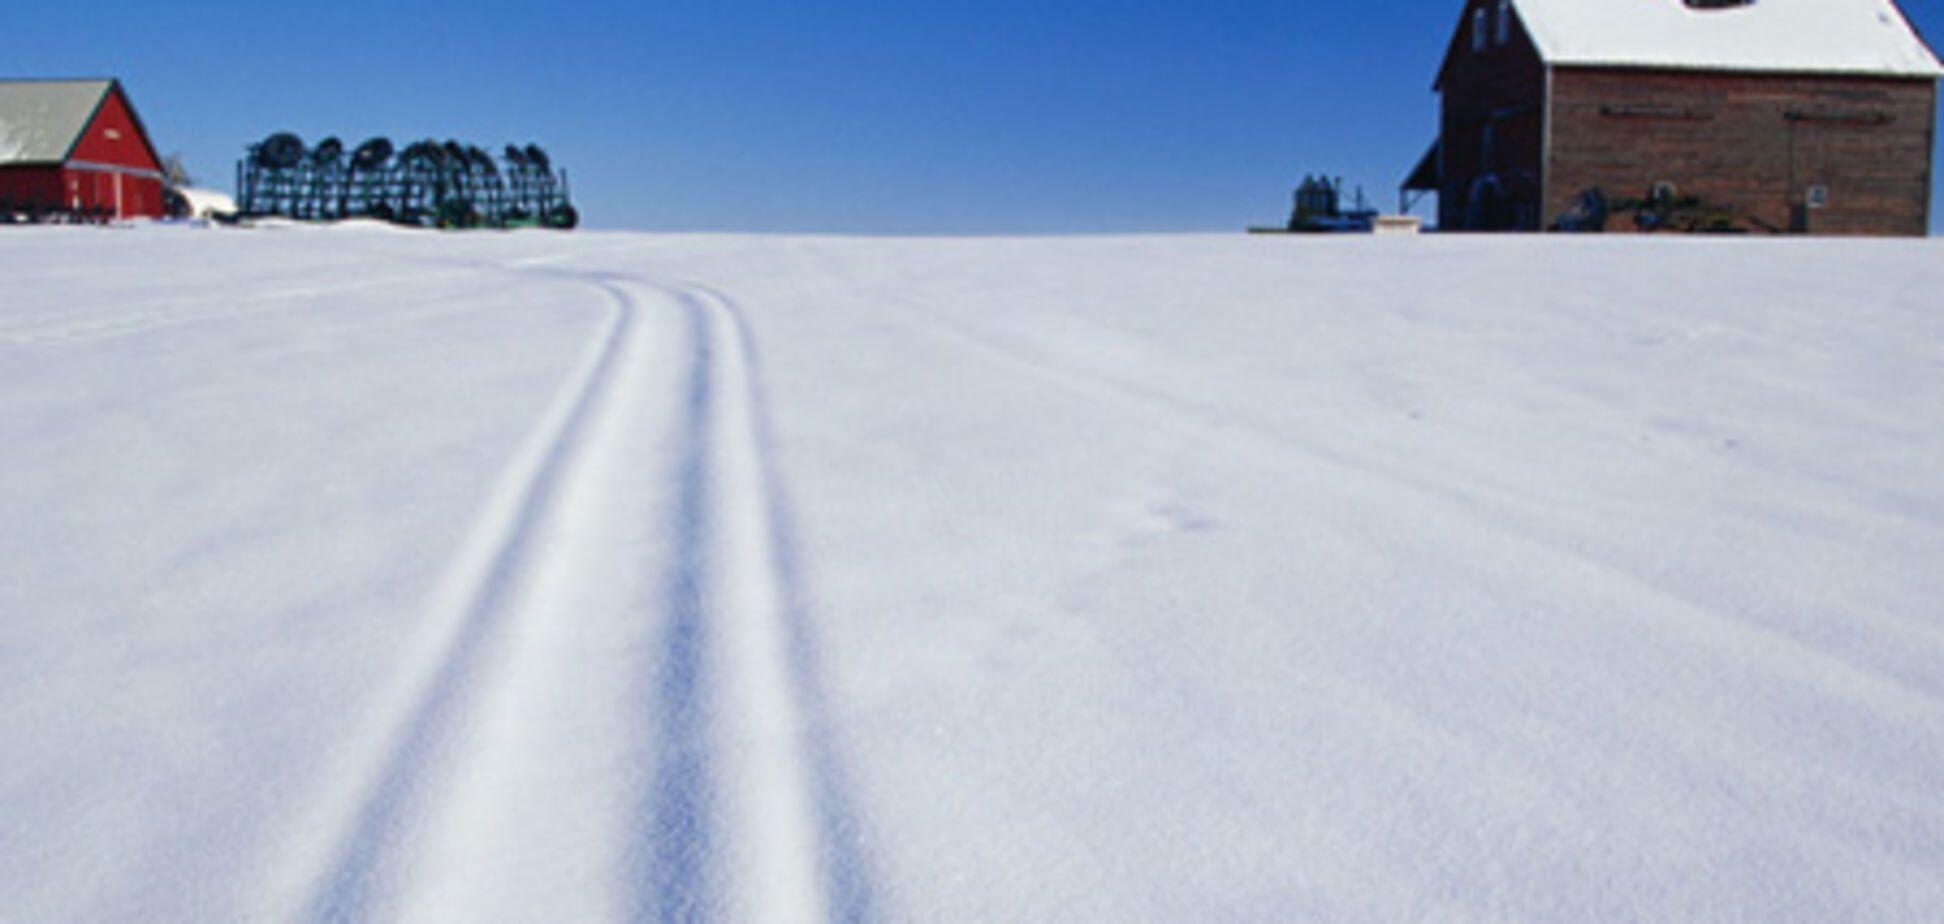 Акушерка пробежала на лыжах 6 км на помощь роженице